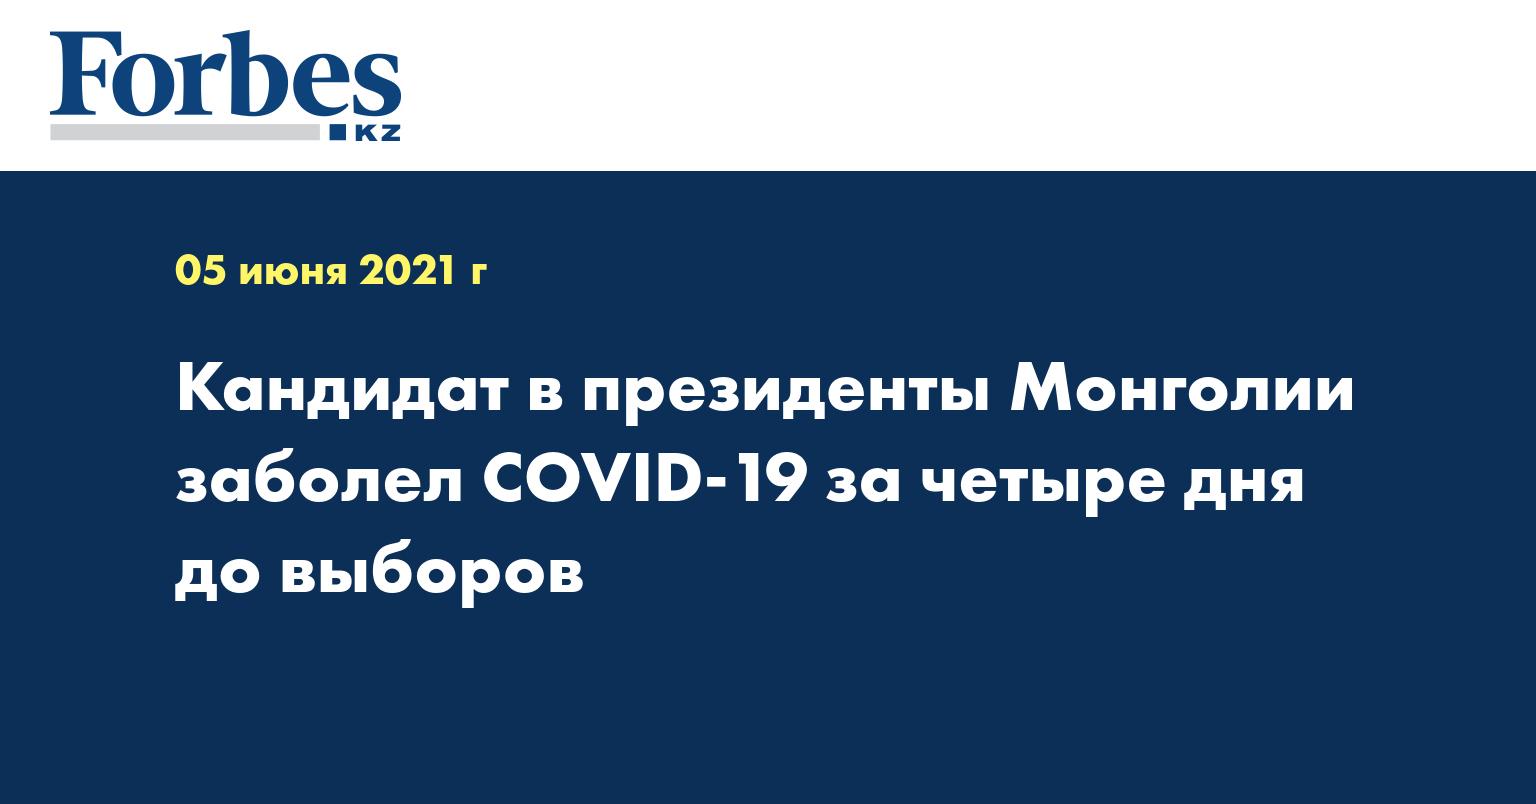 Кандидат в президенты Монголии заболел COVID-19 за четыре дня до выборов